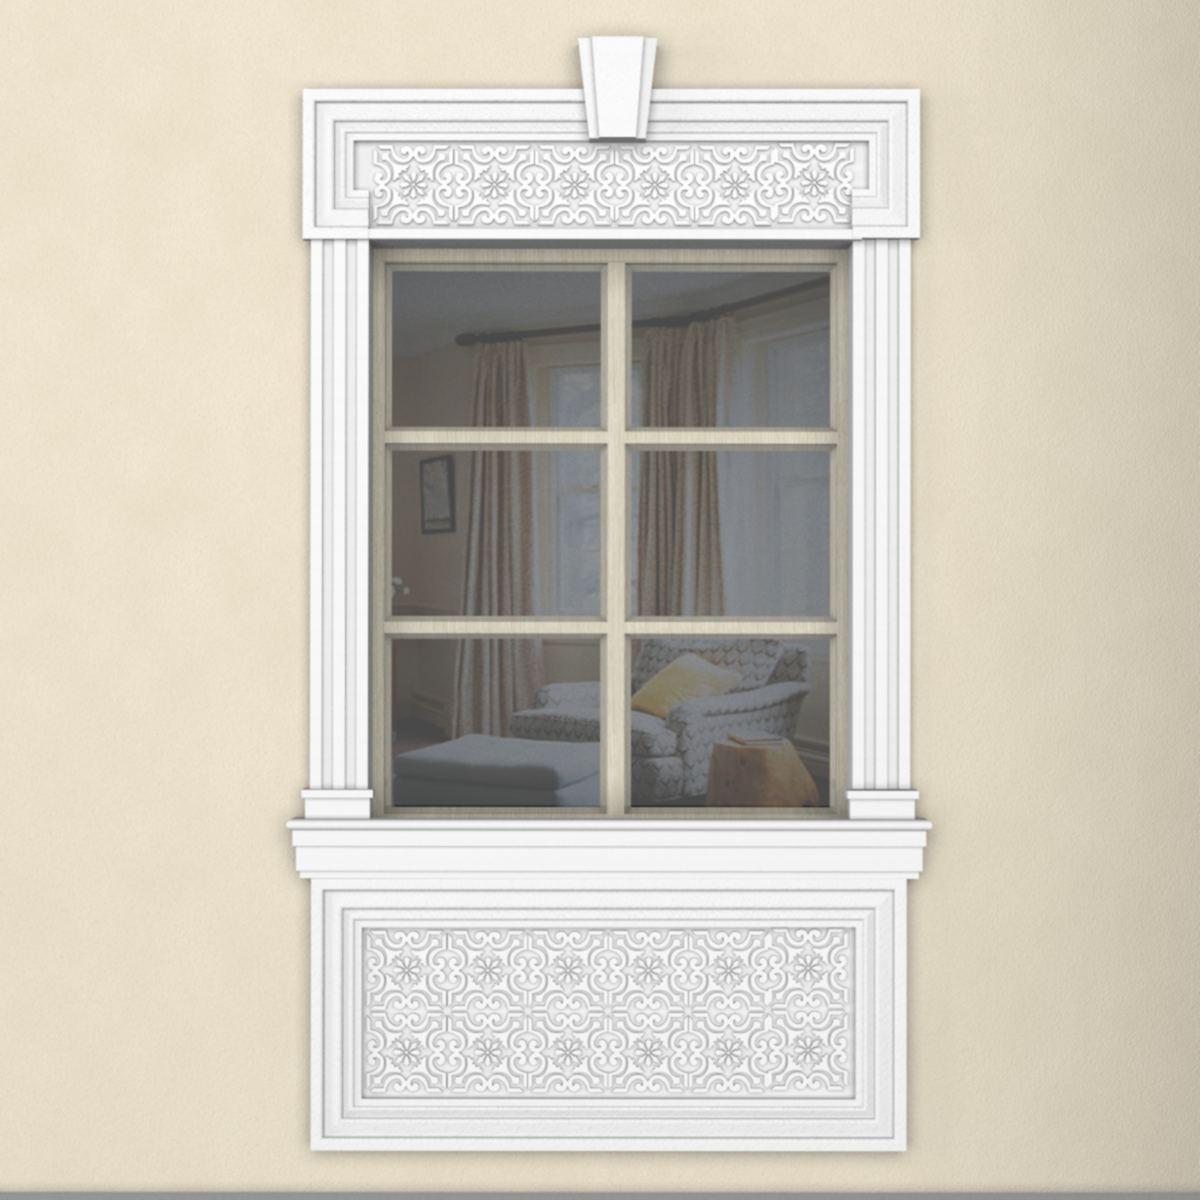 Отделка окна снаружи лепным декором из пенопласта